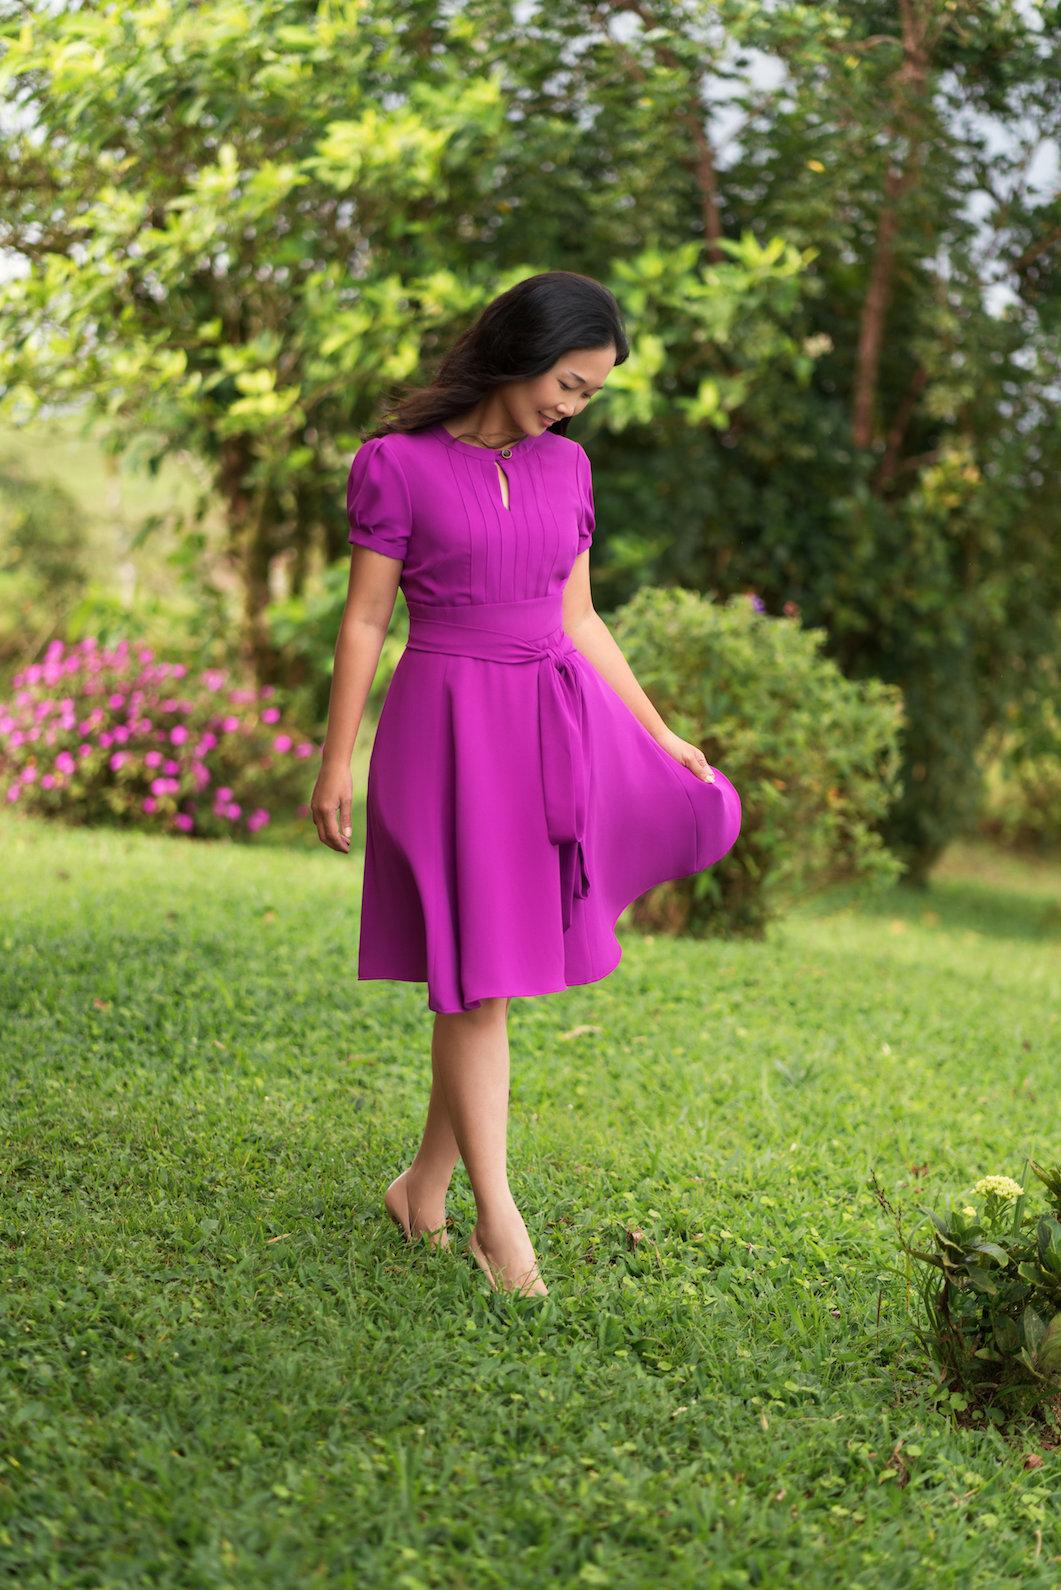 Giverny dress - Itch to Stitch